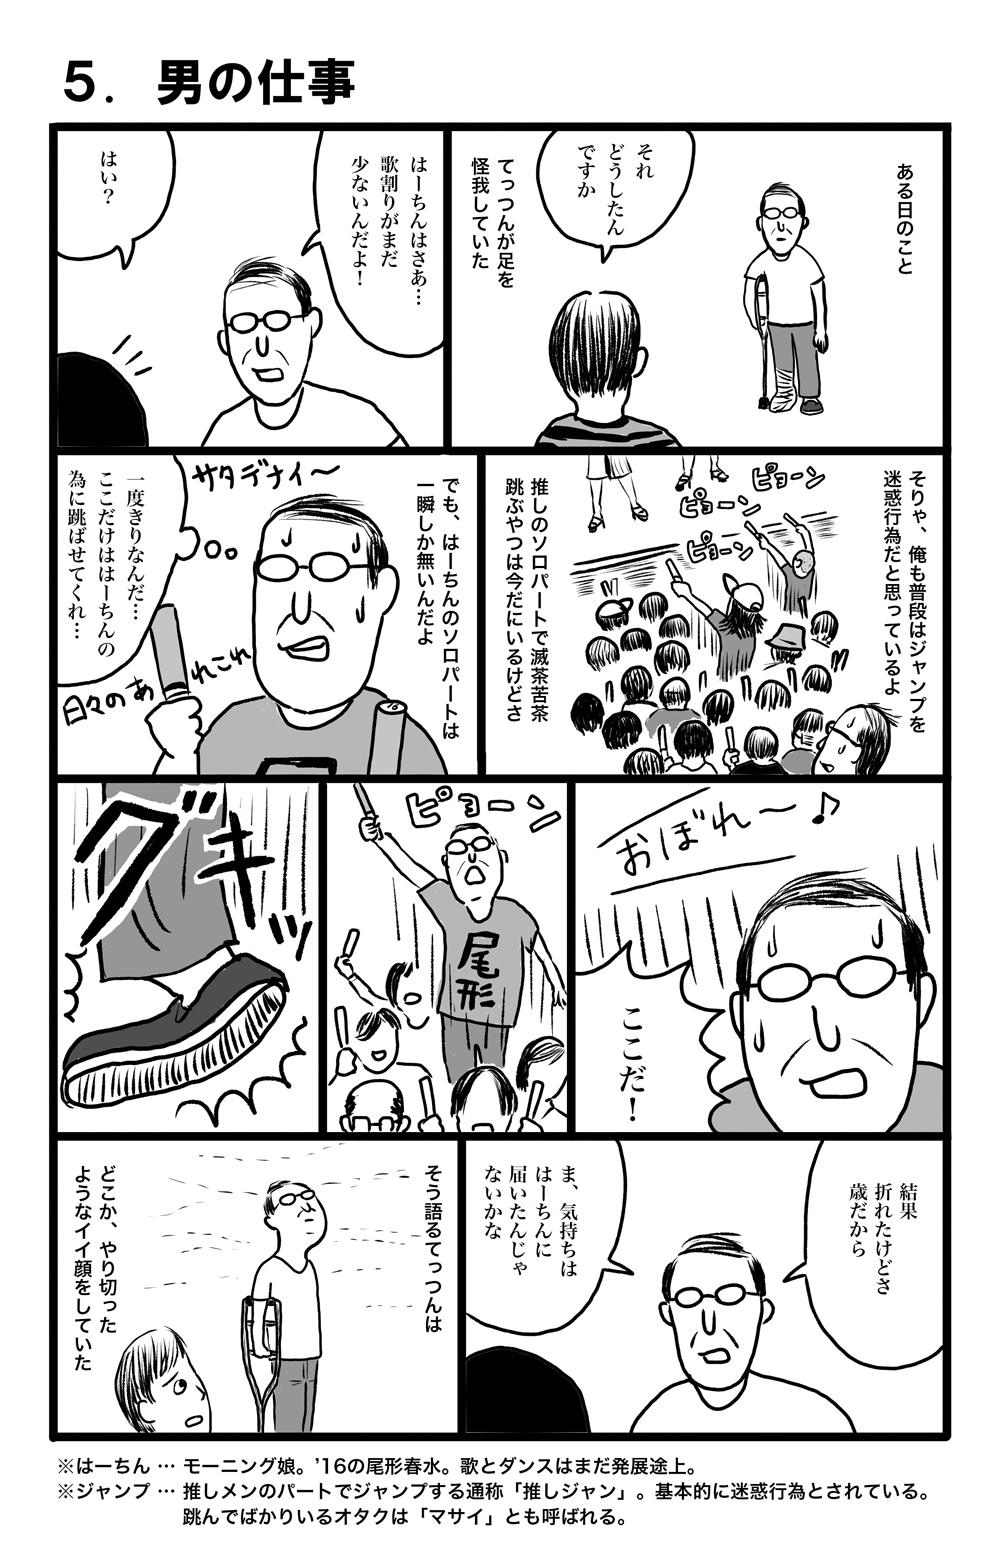 tsurugi-mikito-005